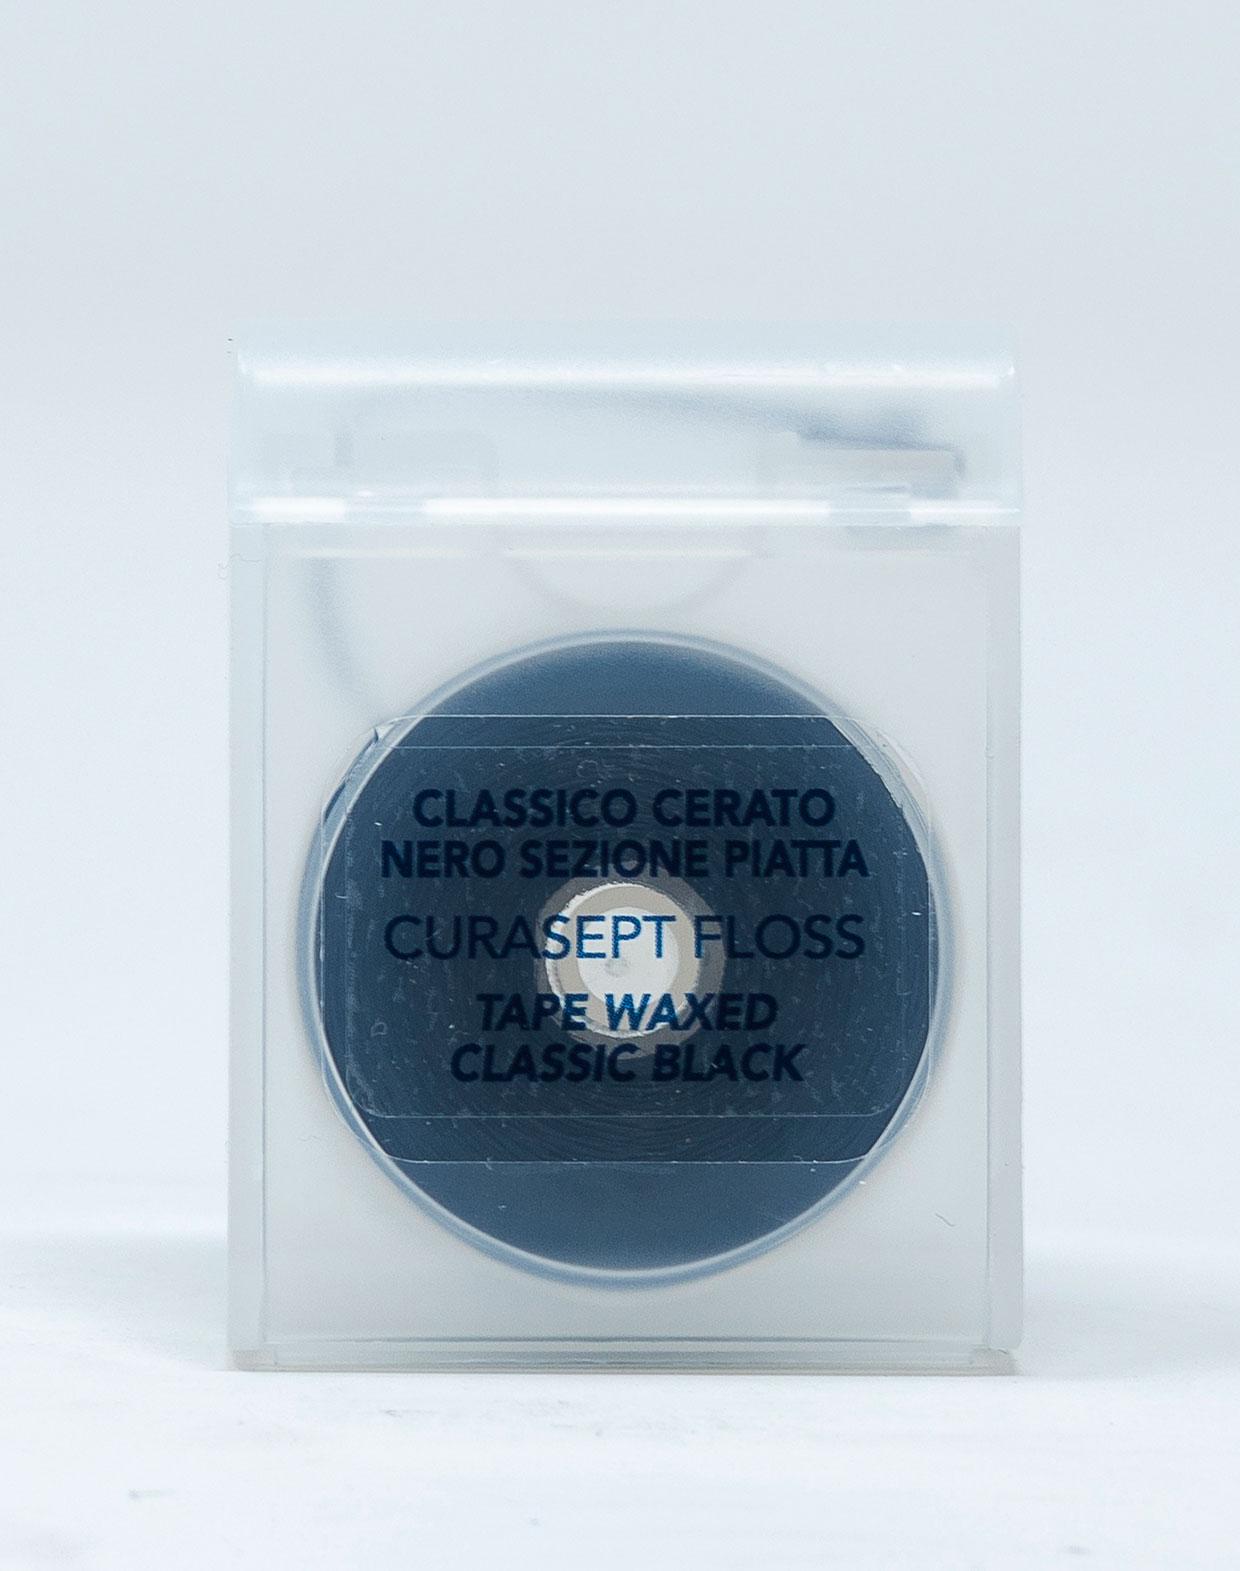 Curasept Filo Interdentale Classico Cerato Nero – 50 m